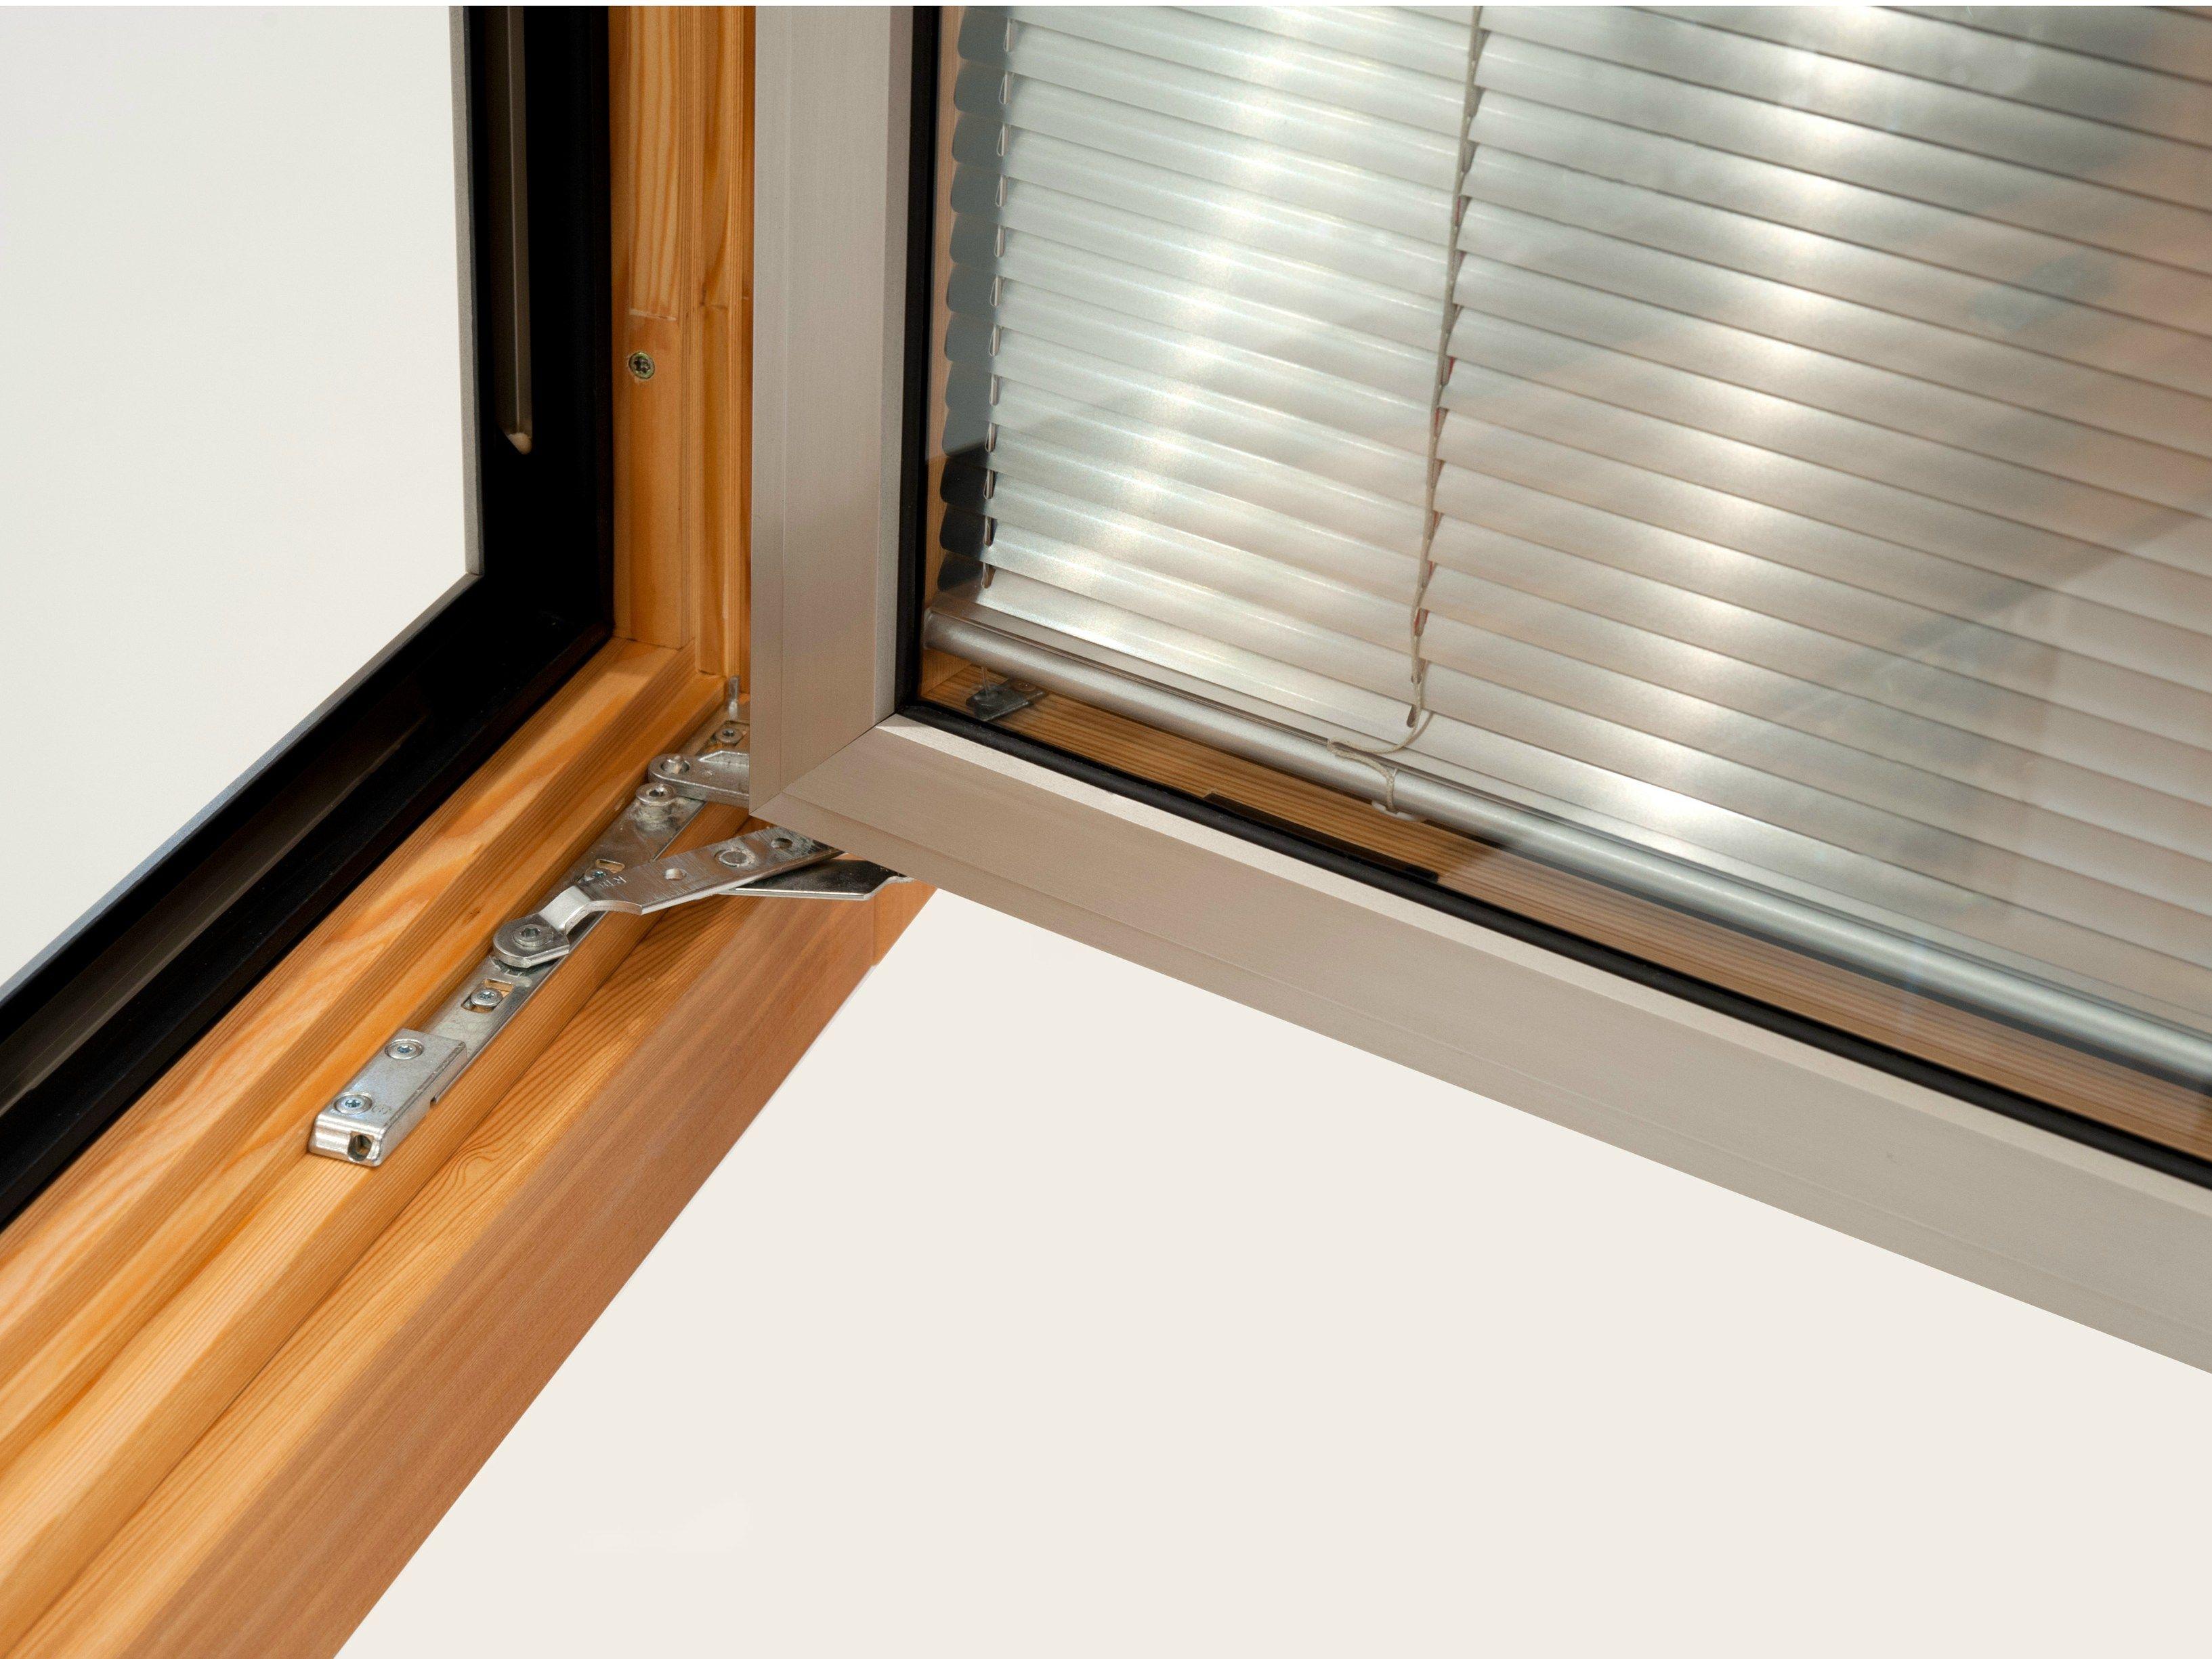 #794618 invólucro janelas janelas janelas de alumínio madeira 1642 Janela De Aluminio Lavanderia